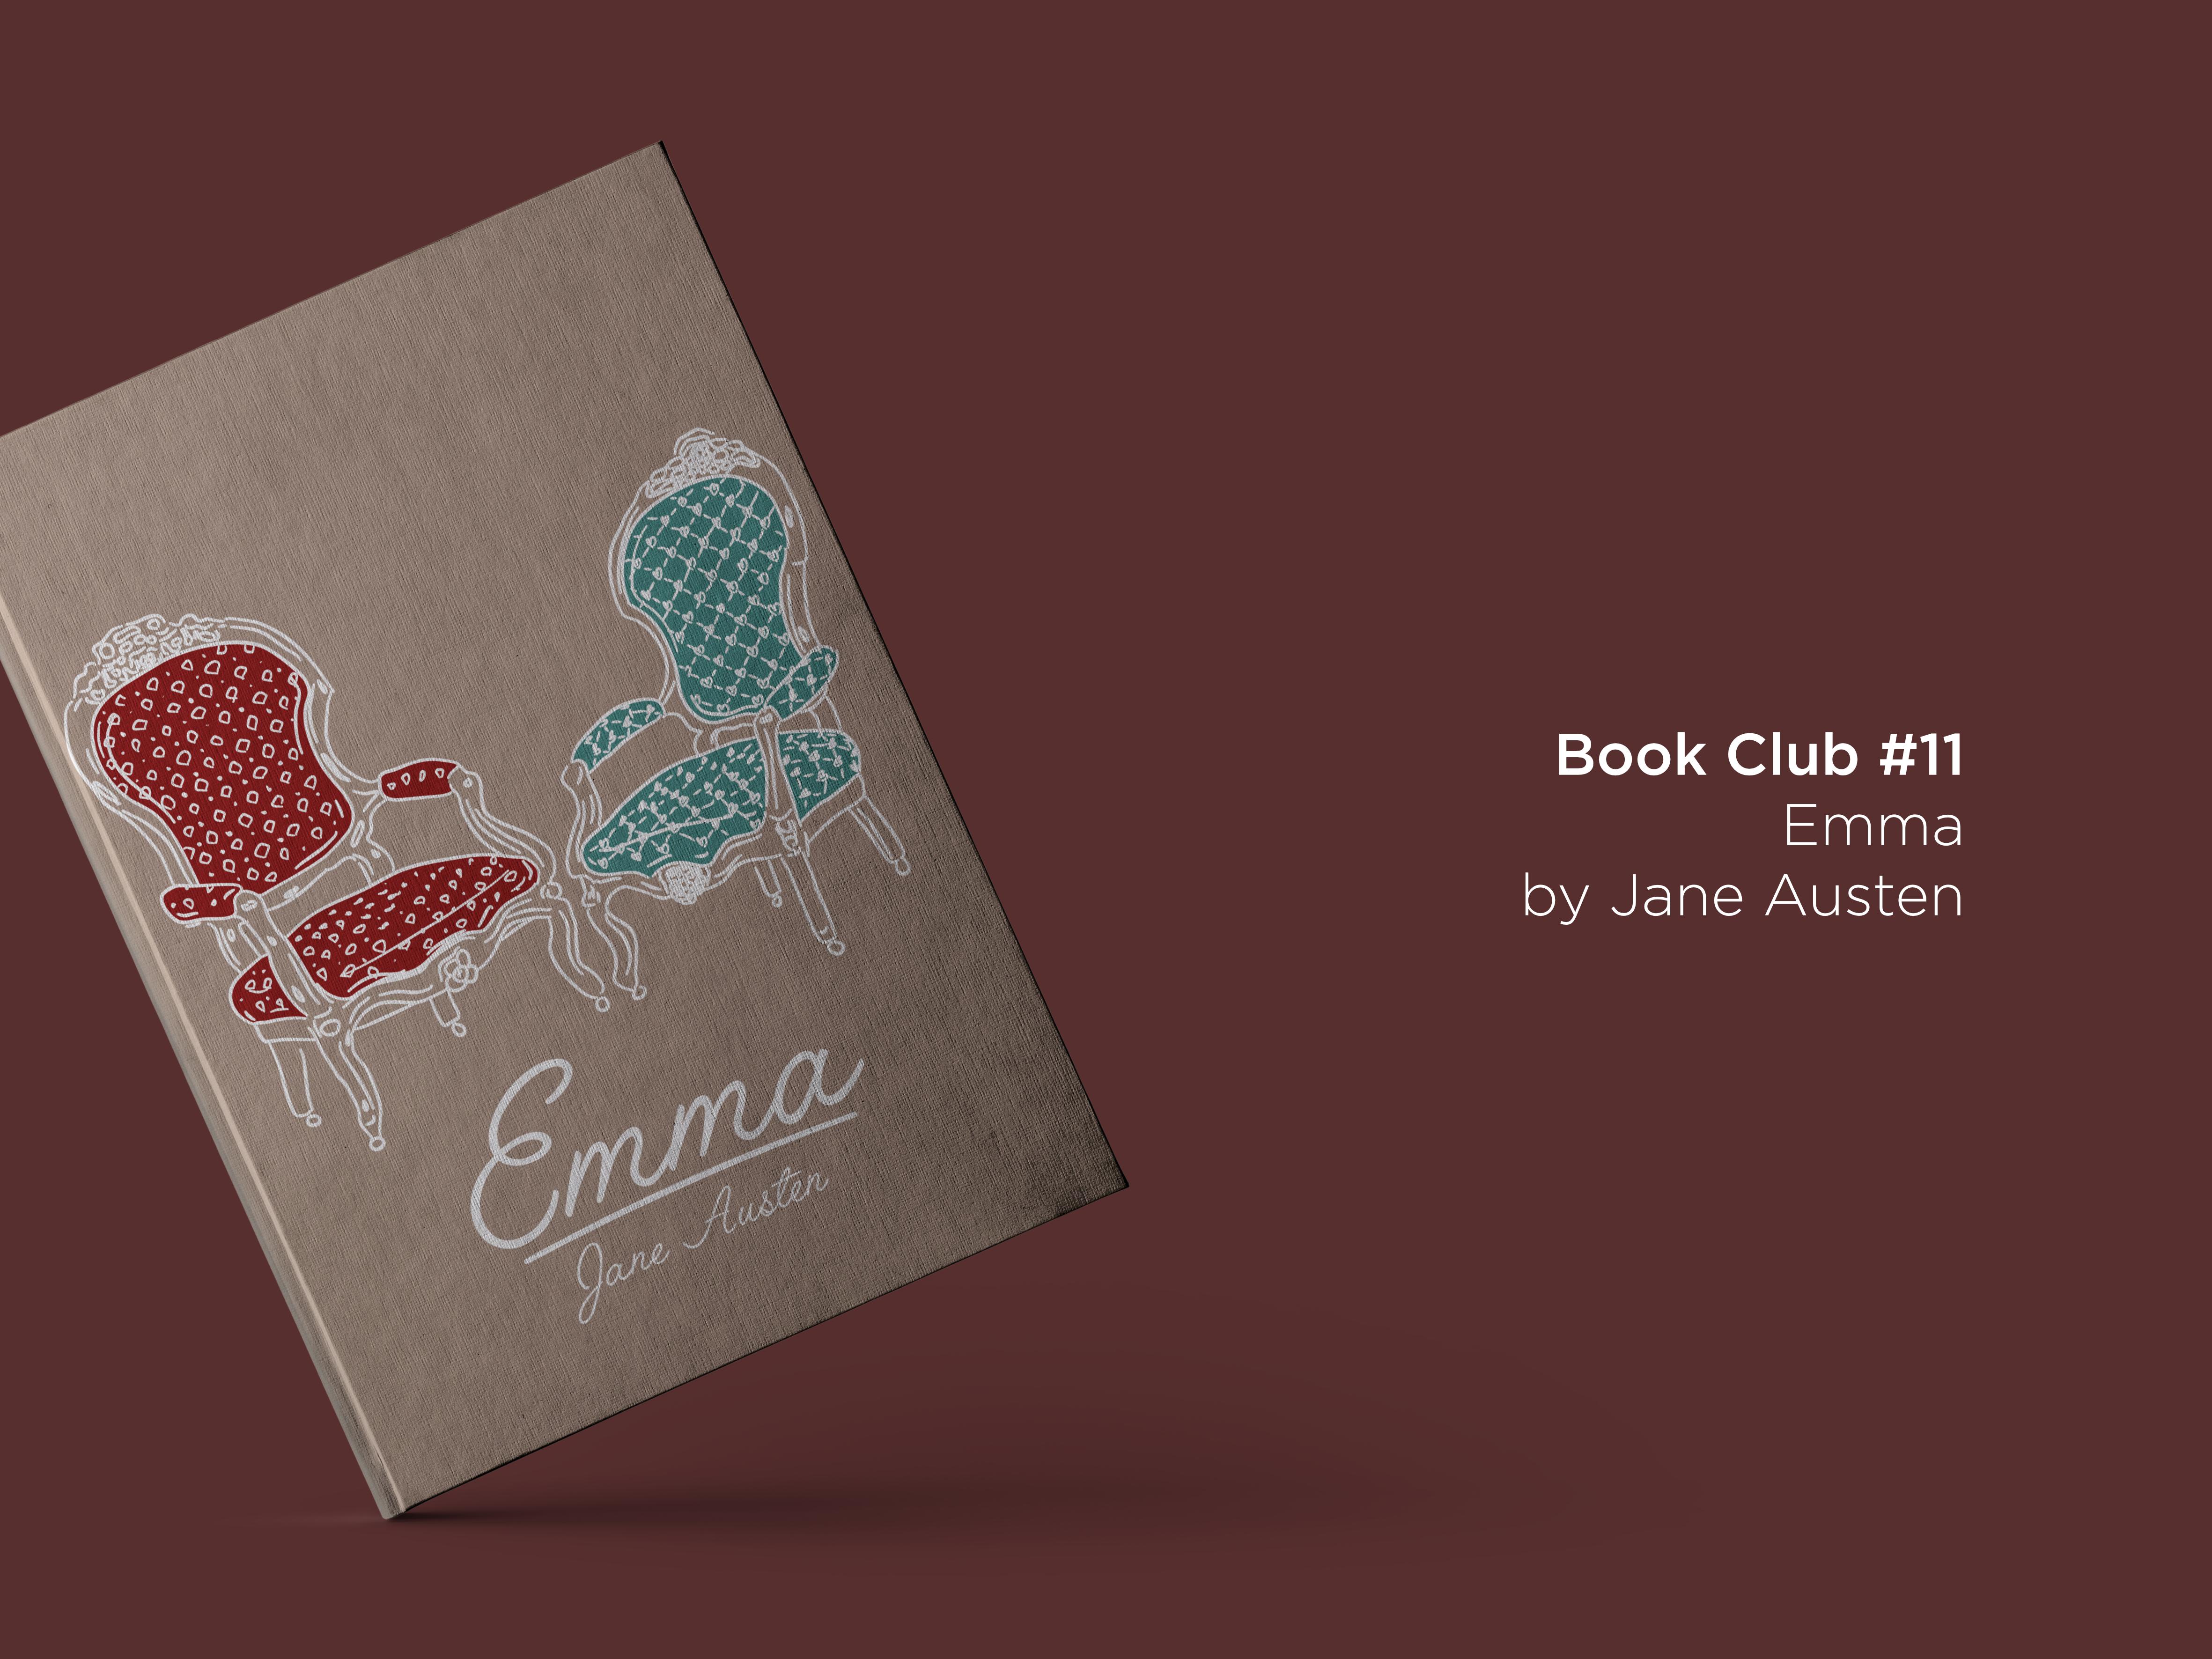 Book Club #11: Emma by Jane Austen